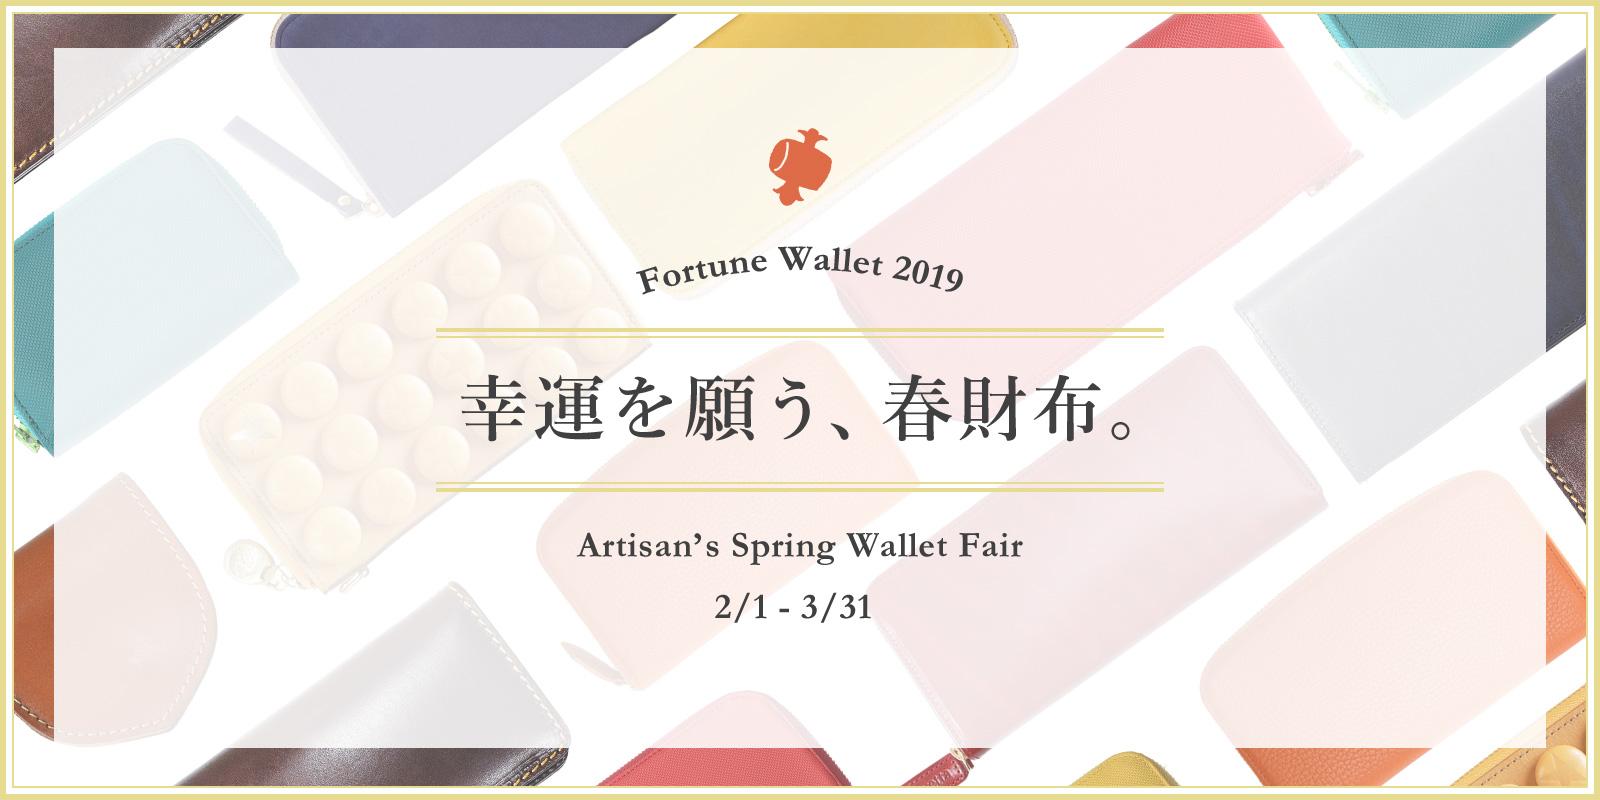 幸運を願う、春財布。